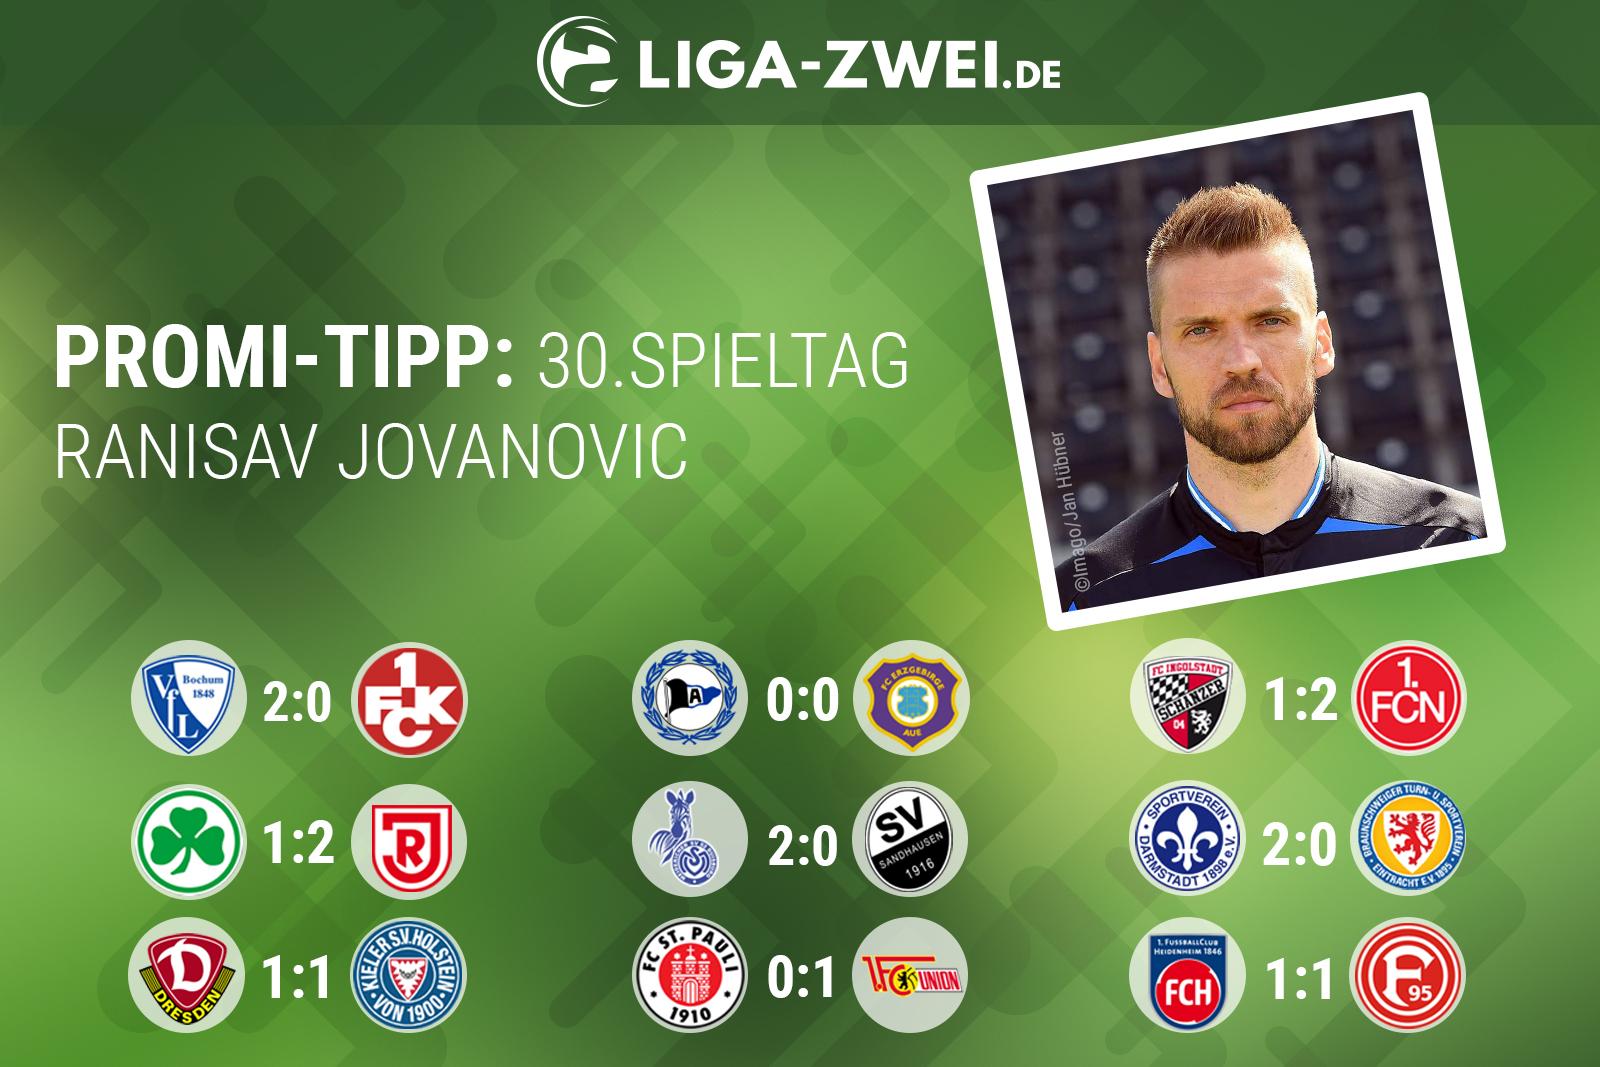 Ranisav Jovanovic tippt den 30. Spieltag